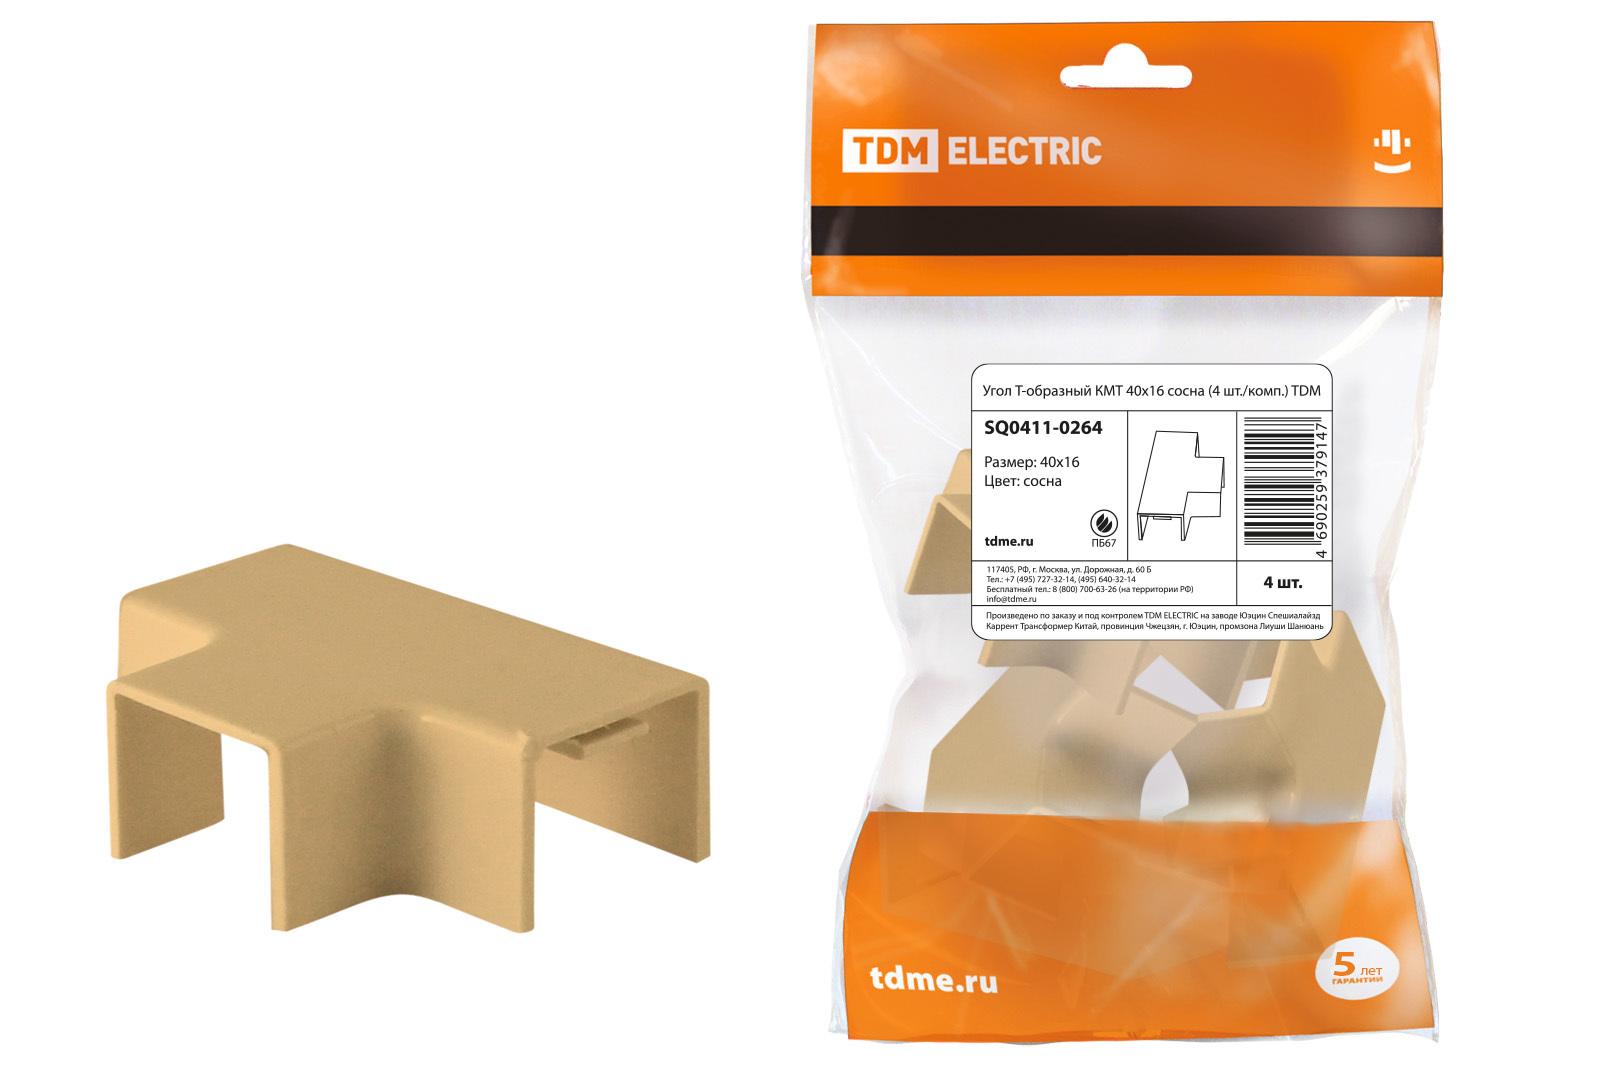 Угол Т-образный КМТ 40x16 сосна (4 шт./комп.) TDM